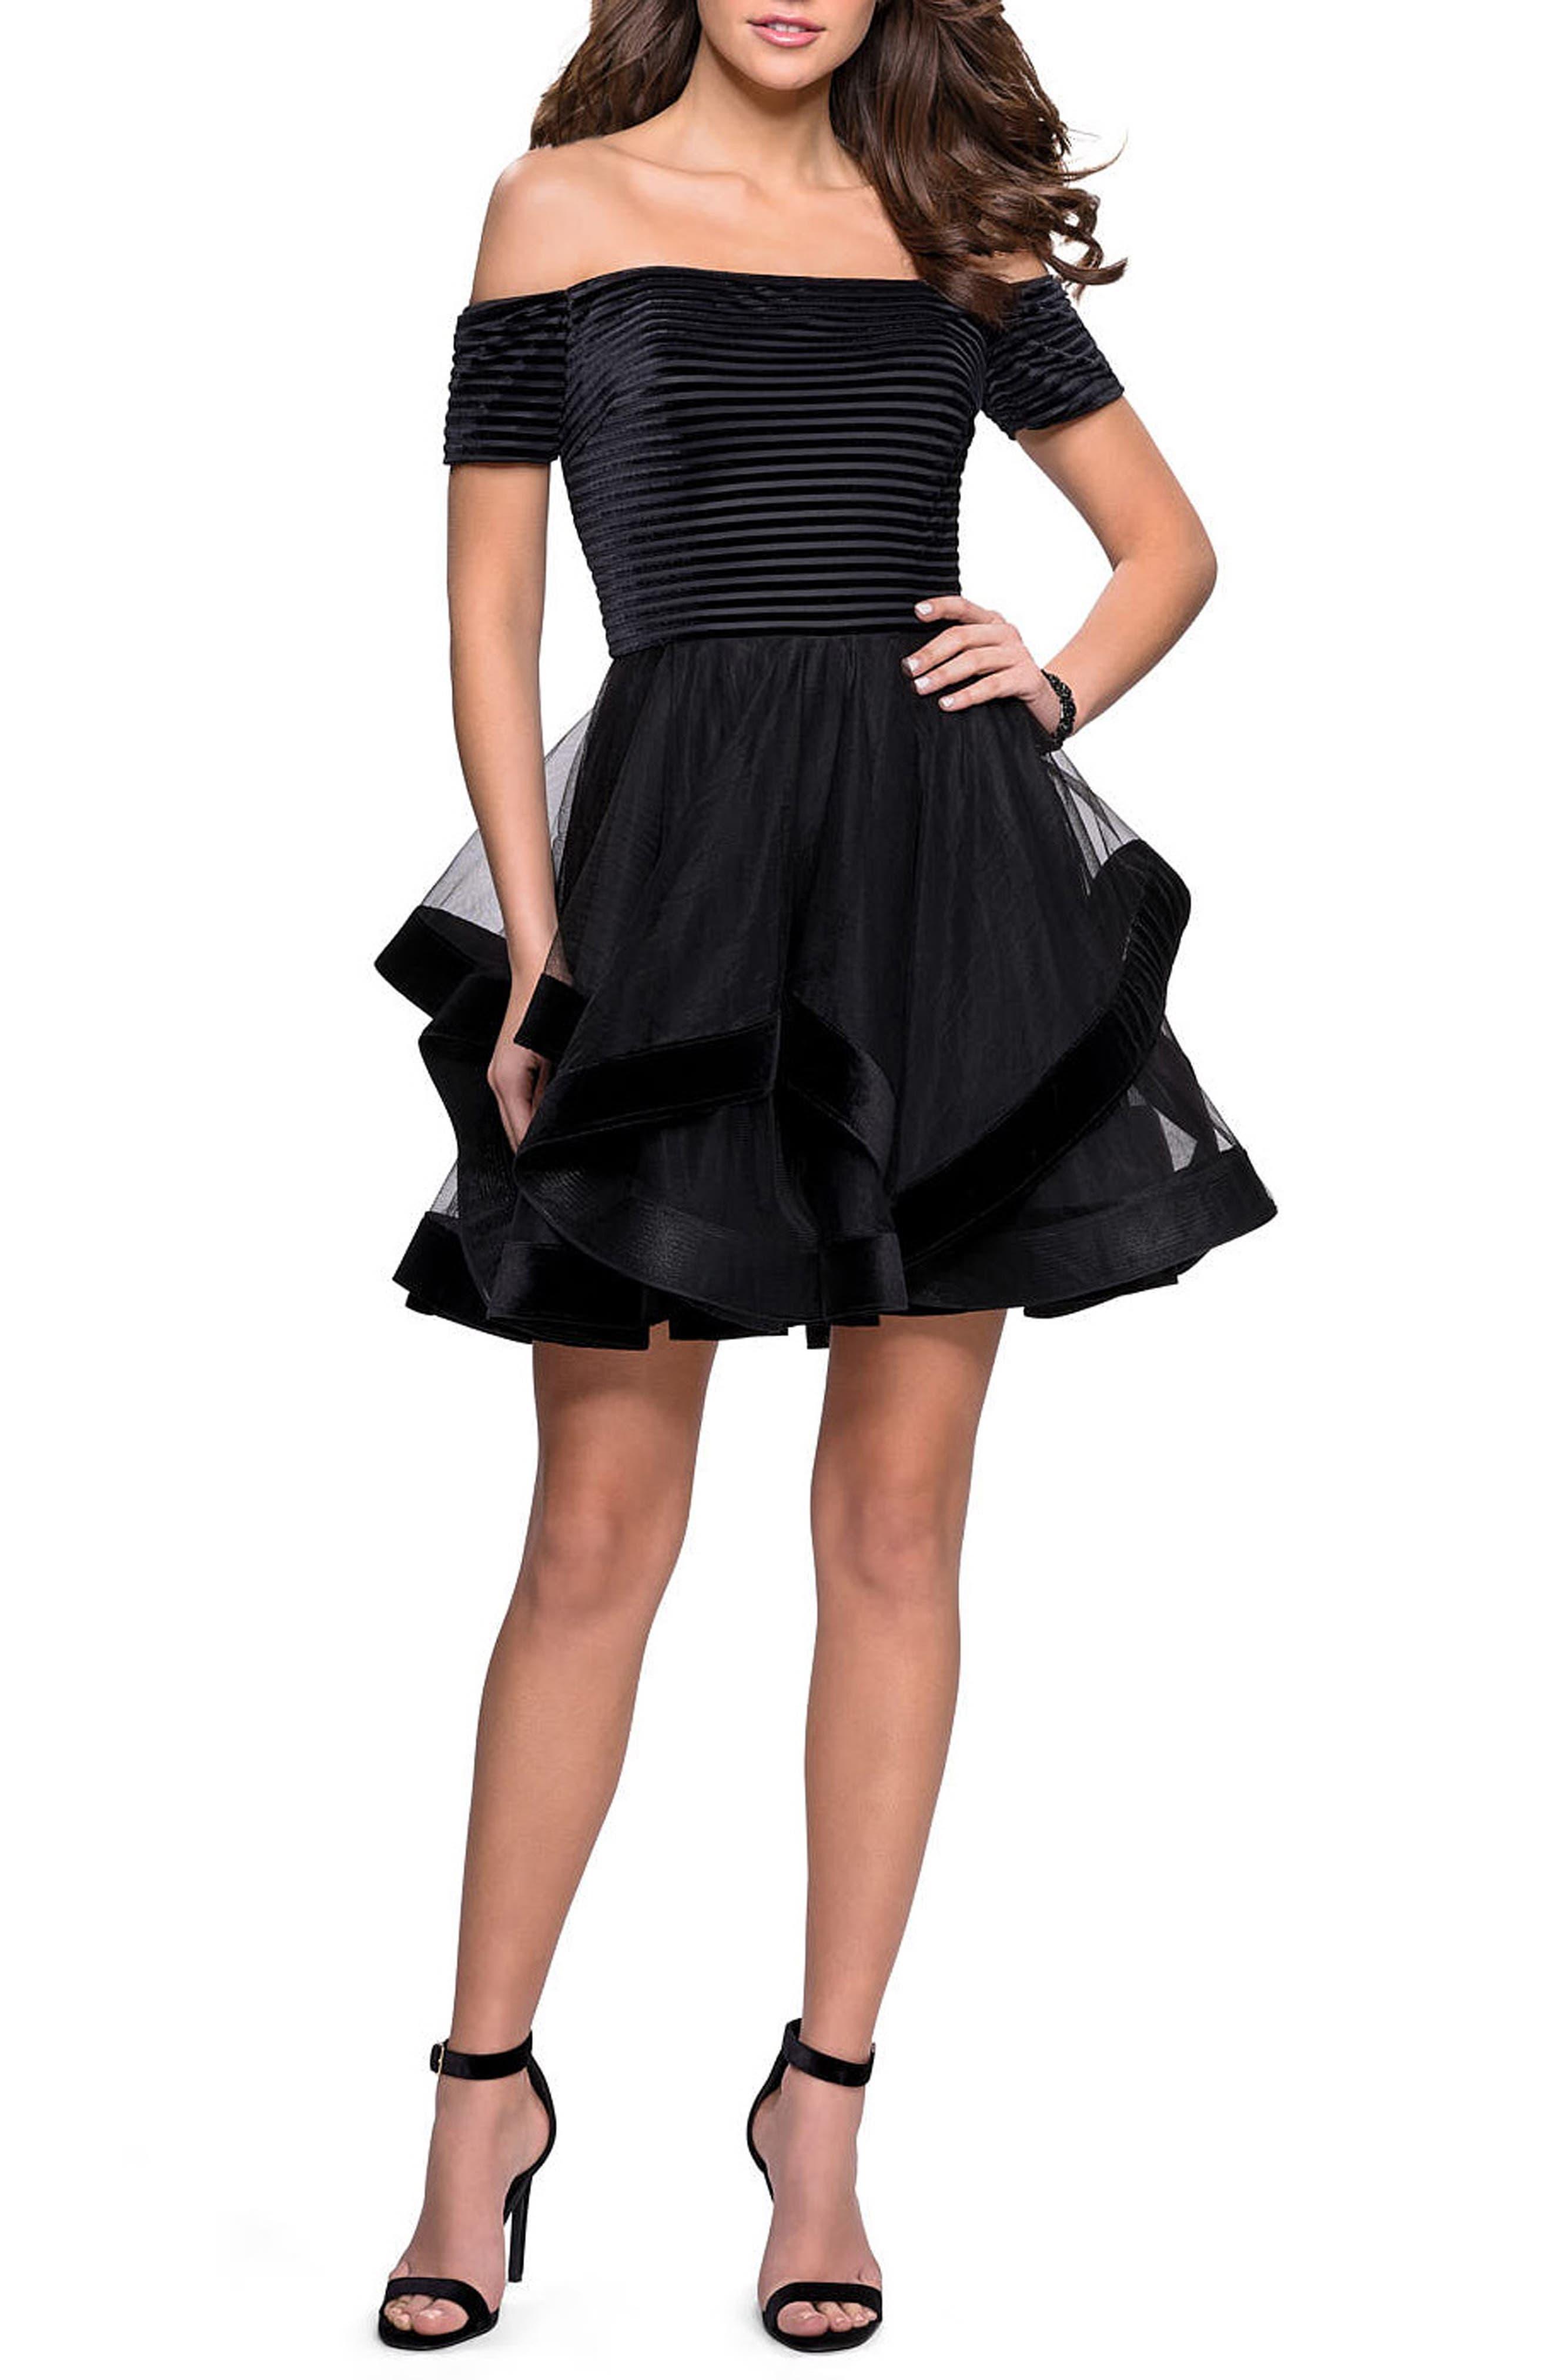 LA FEMME Off The Shoulder Velvet & Tulle Party Dress in Black